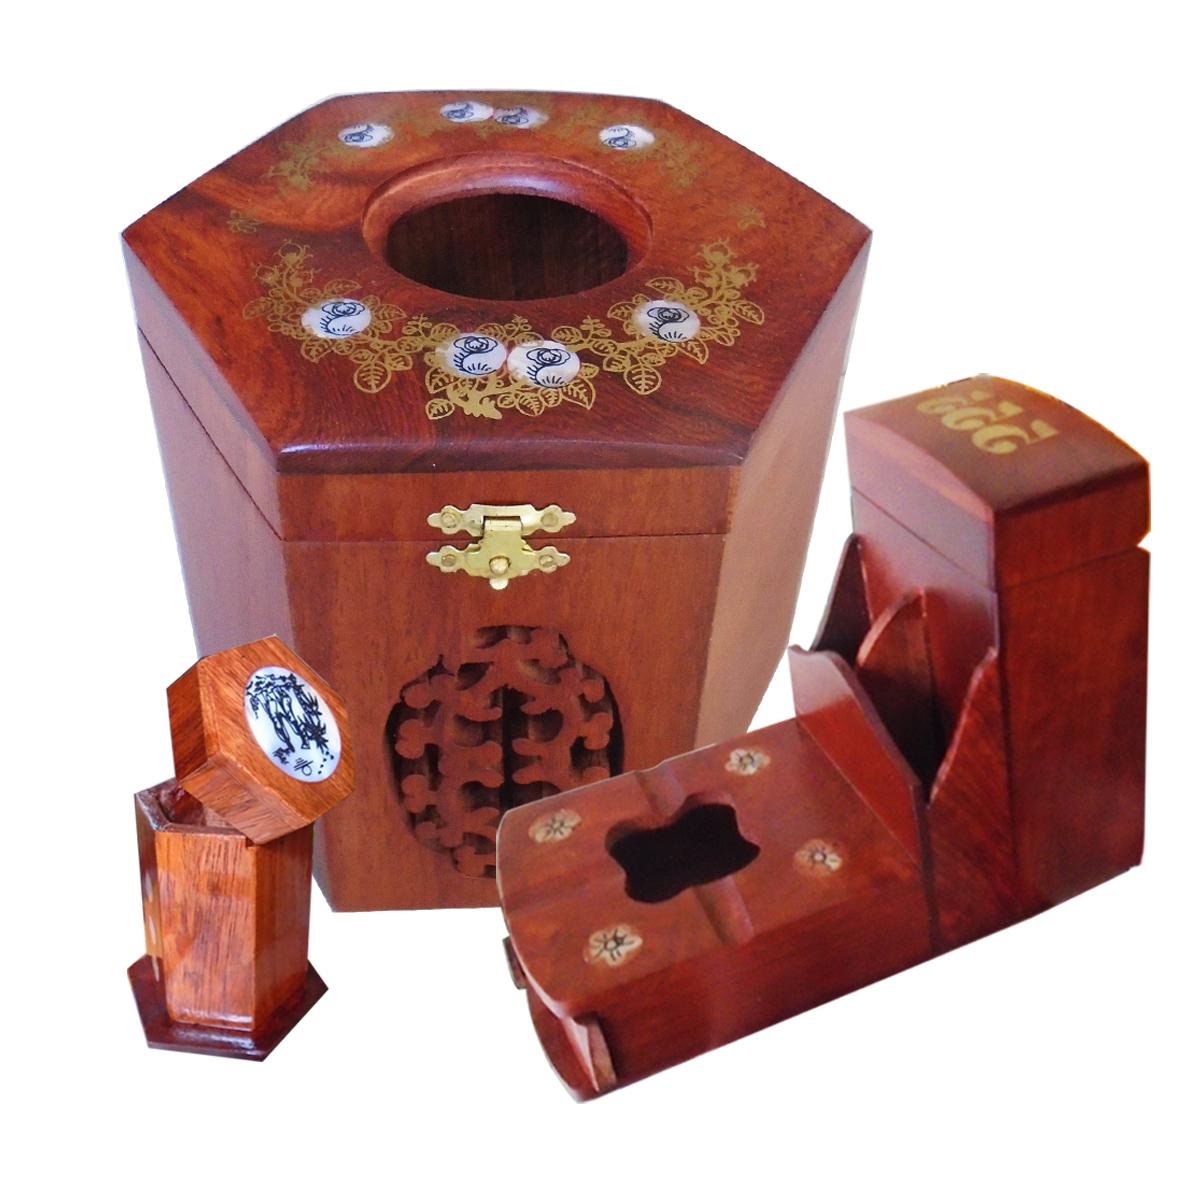 Bộ 3 món tiện ích gỗ hương Gạt tàn,hộp tăm,hộp giấy lục lăng - CGALL03